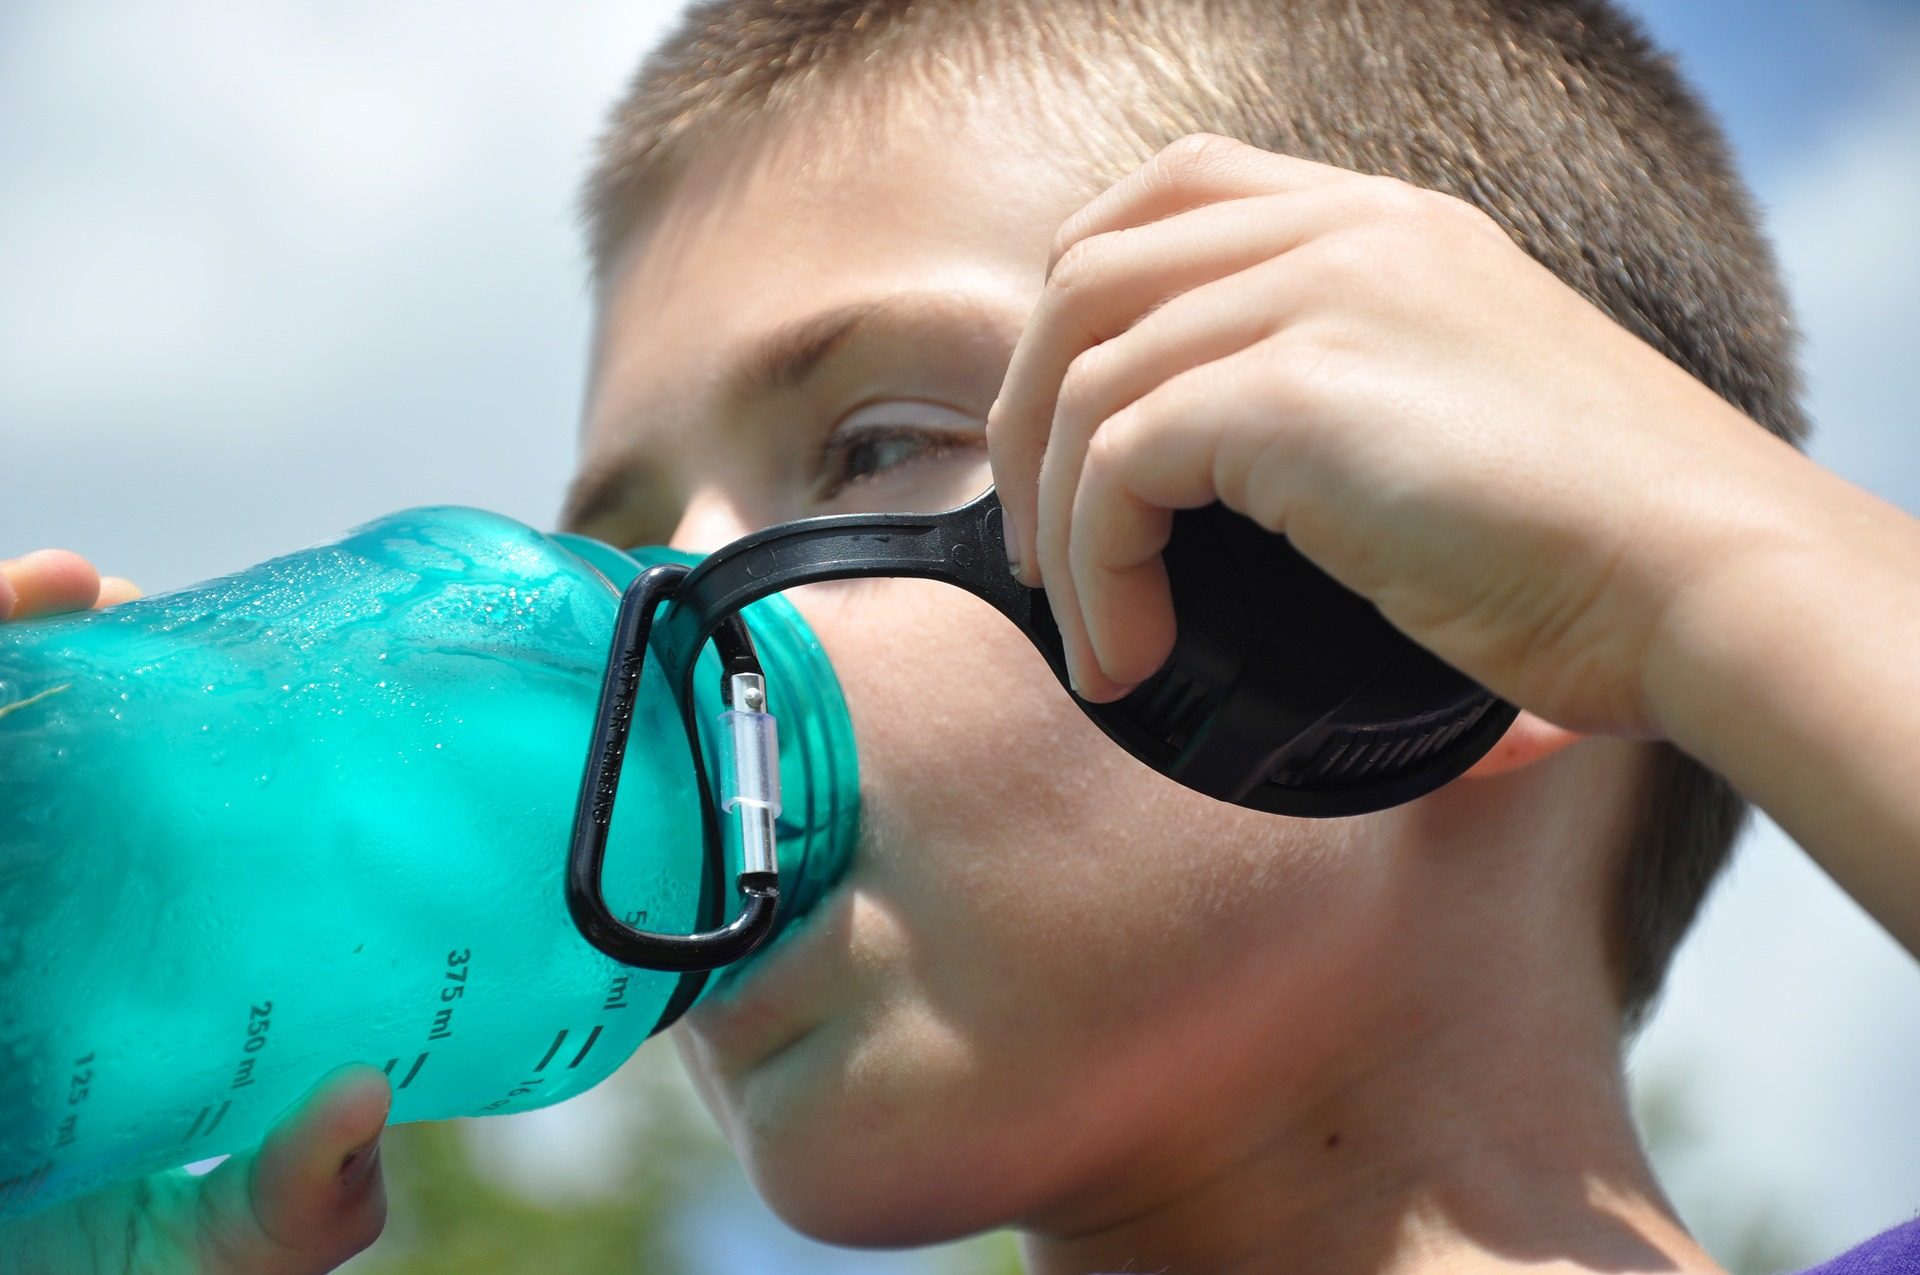 Las botellas de plástico pueden contener disruptores endocrinos. Foto: GSquare.